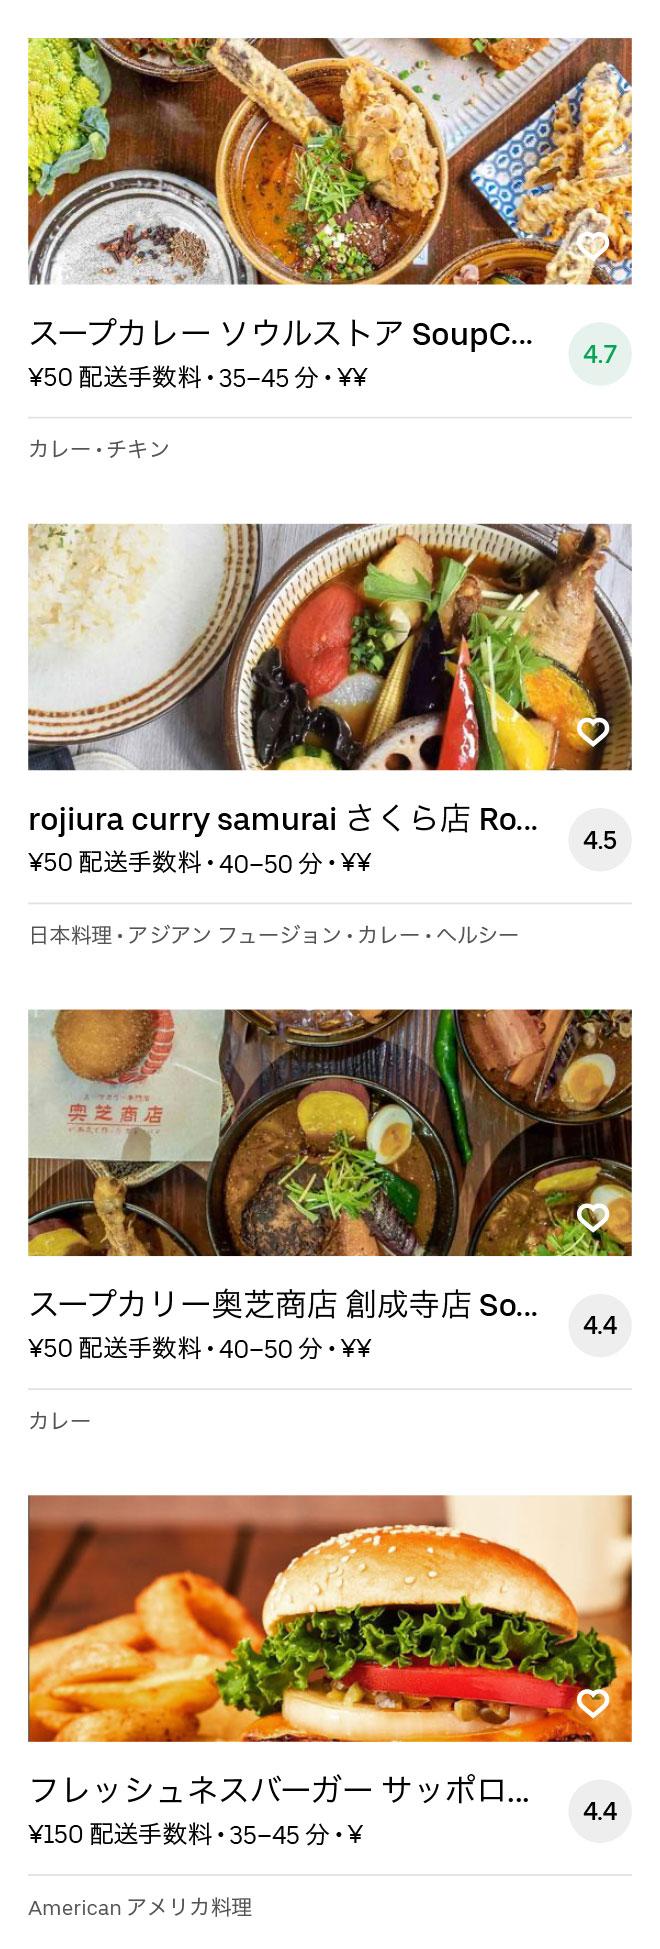 Susukino menu 2008 04